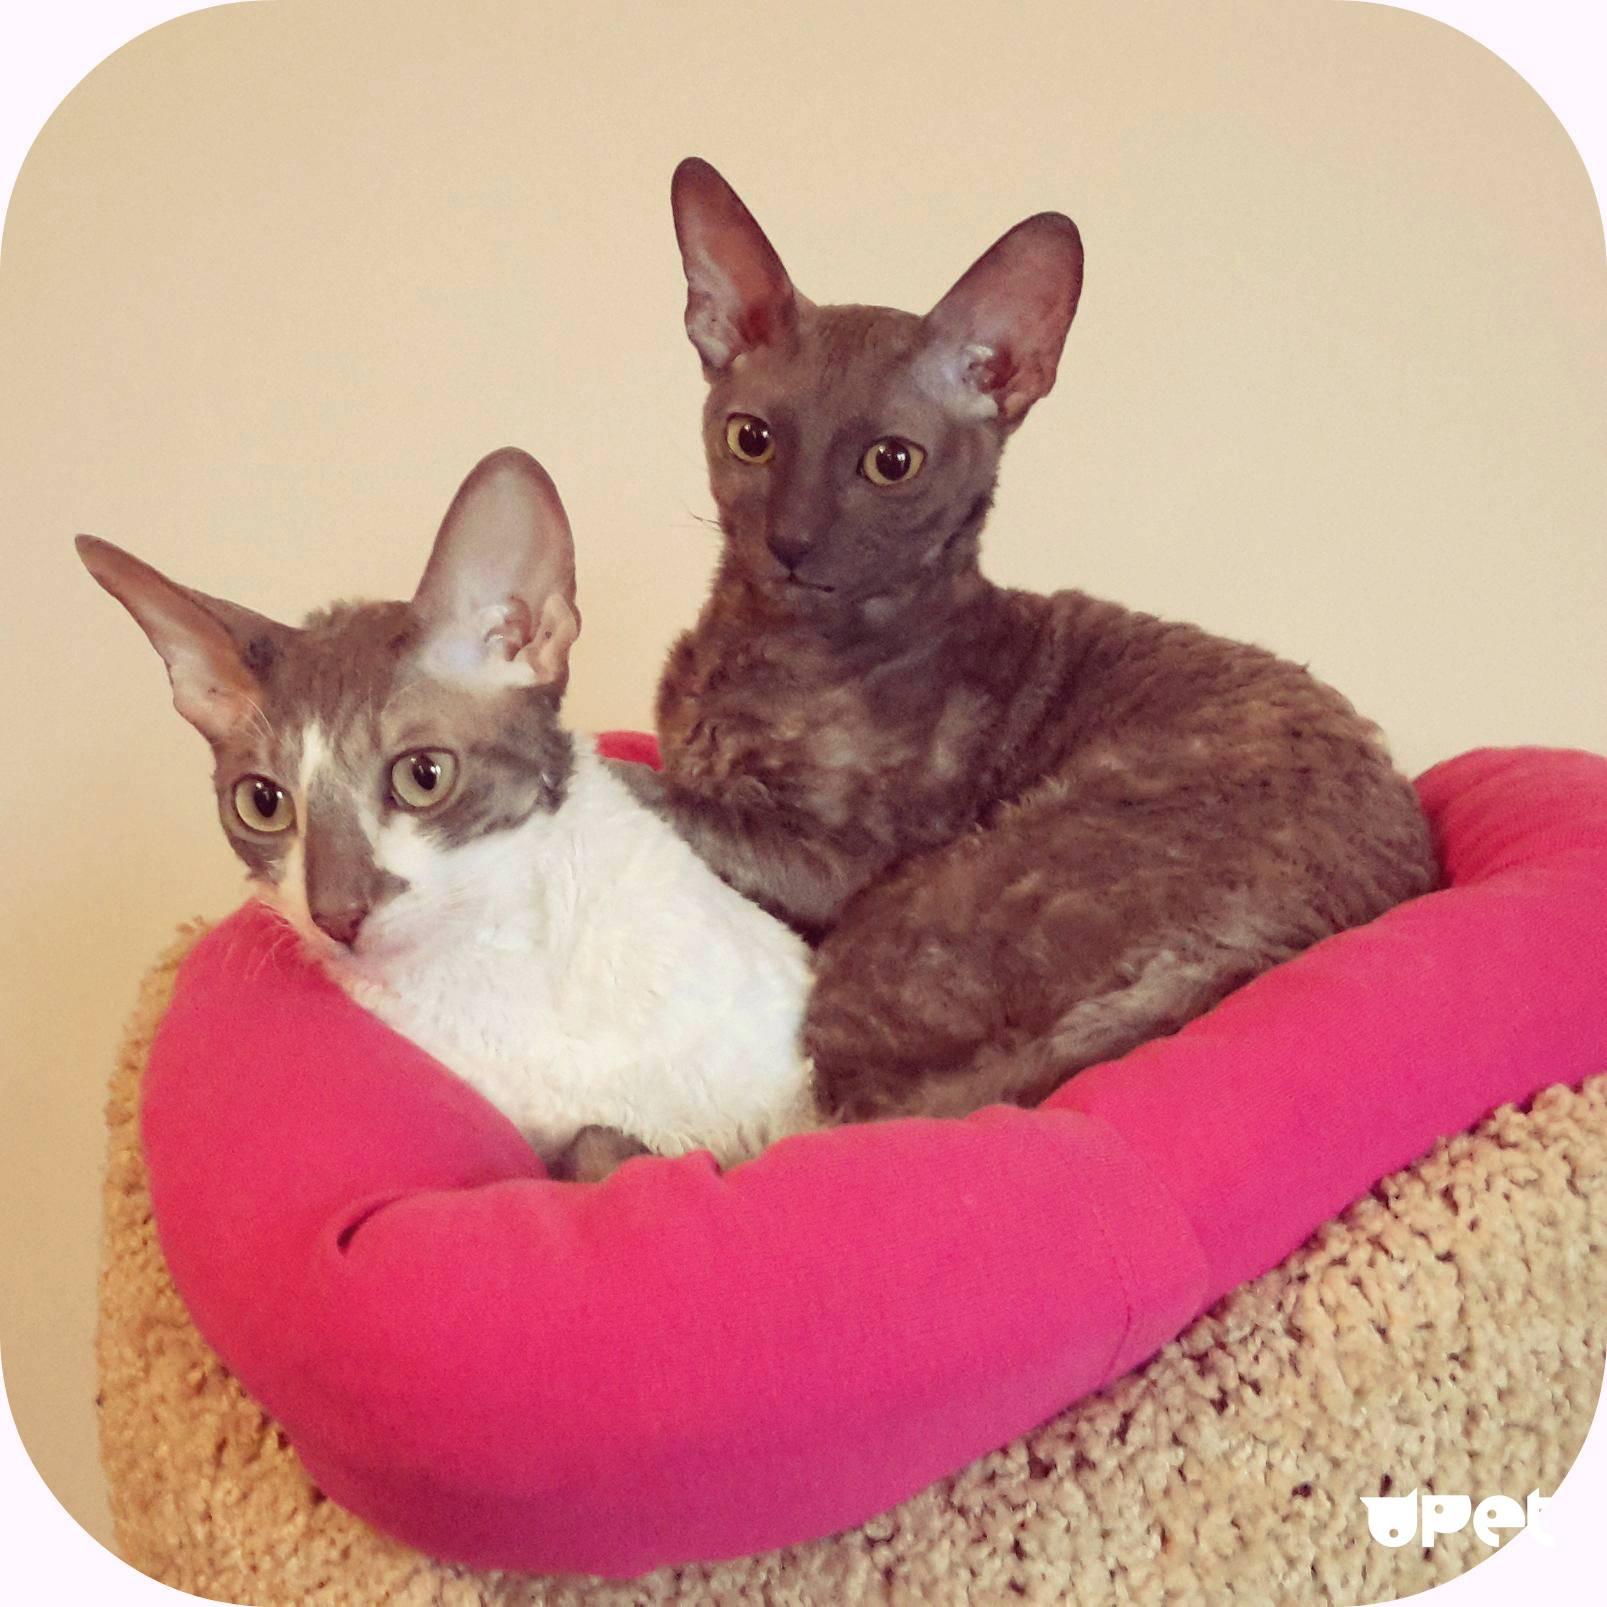 Kорниш-рекс - порода кошек - информация и особенностях | хиллс